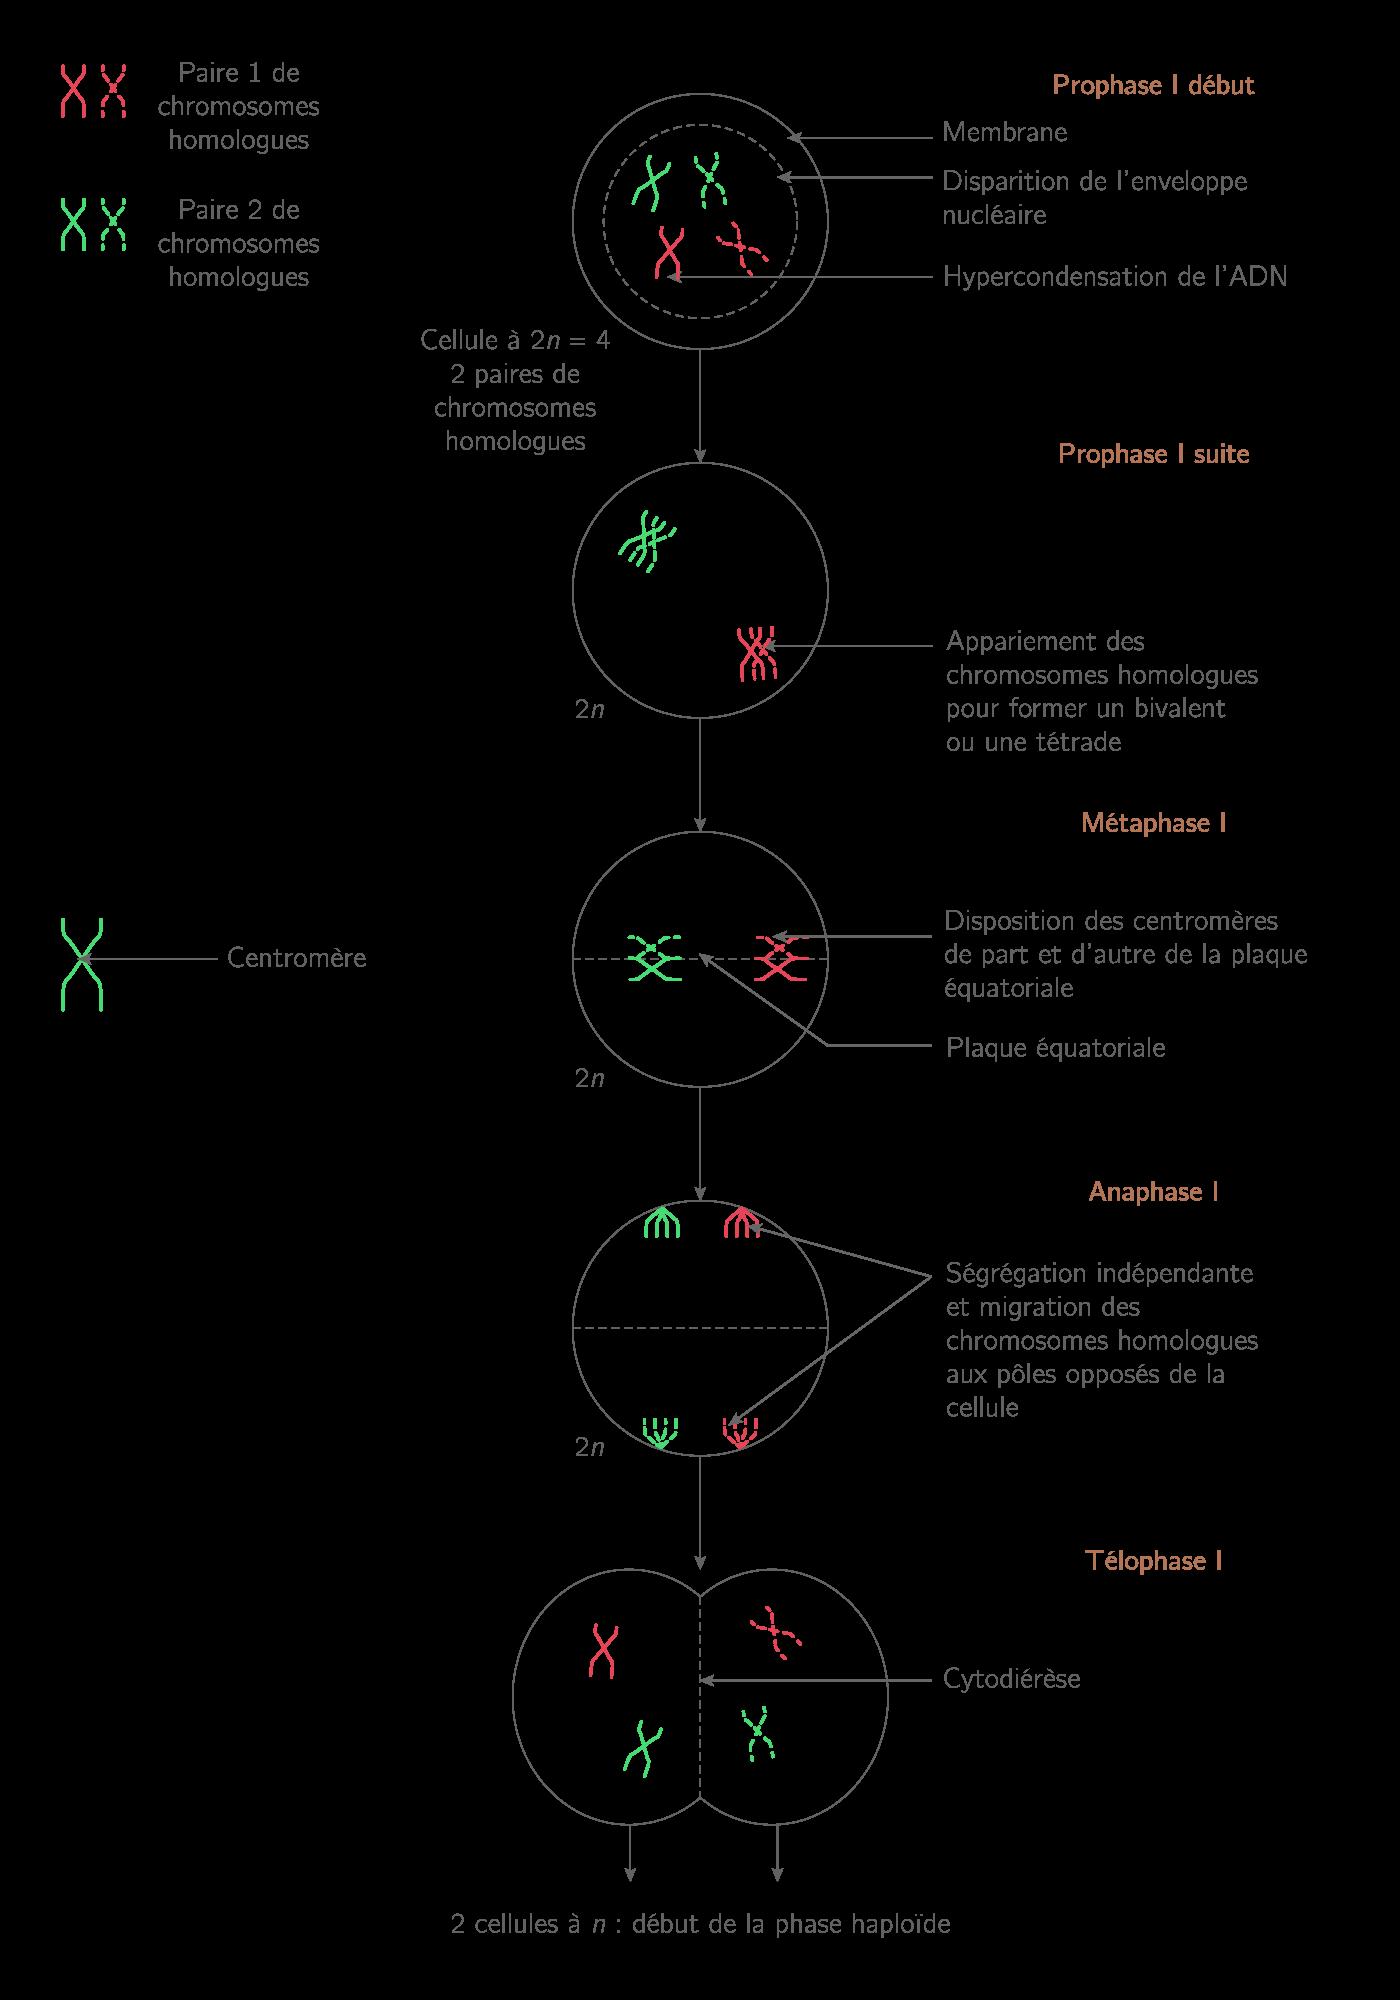 Première division de méiose ou division réductionnelle